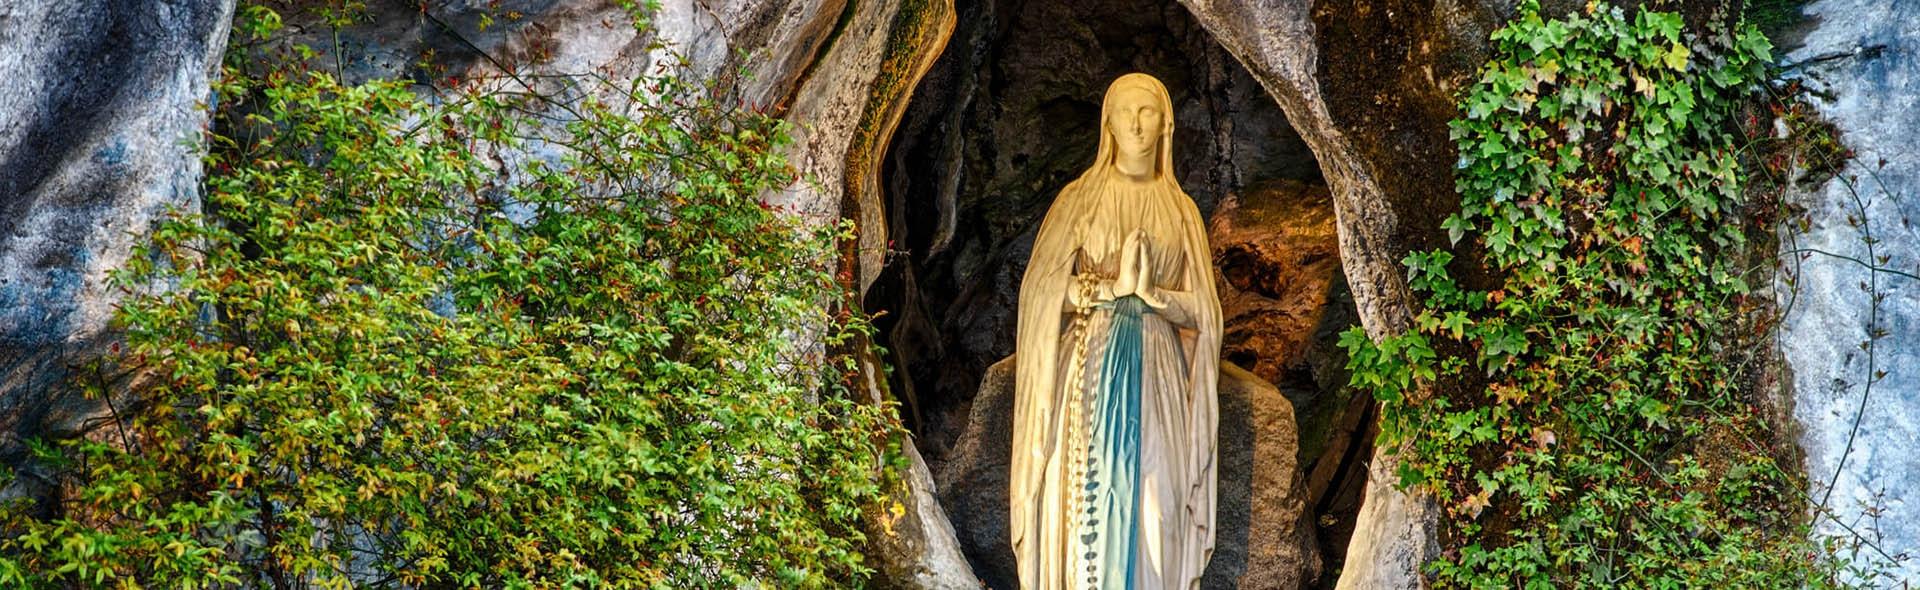 Viaggio a Lourdes in Aereo da Milano Inizio Ottobre